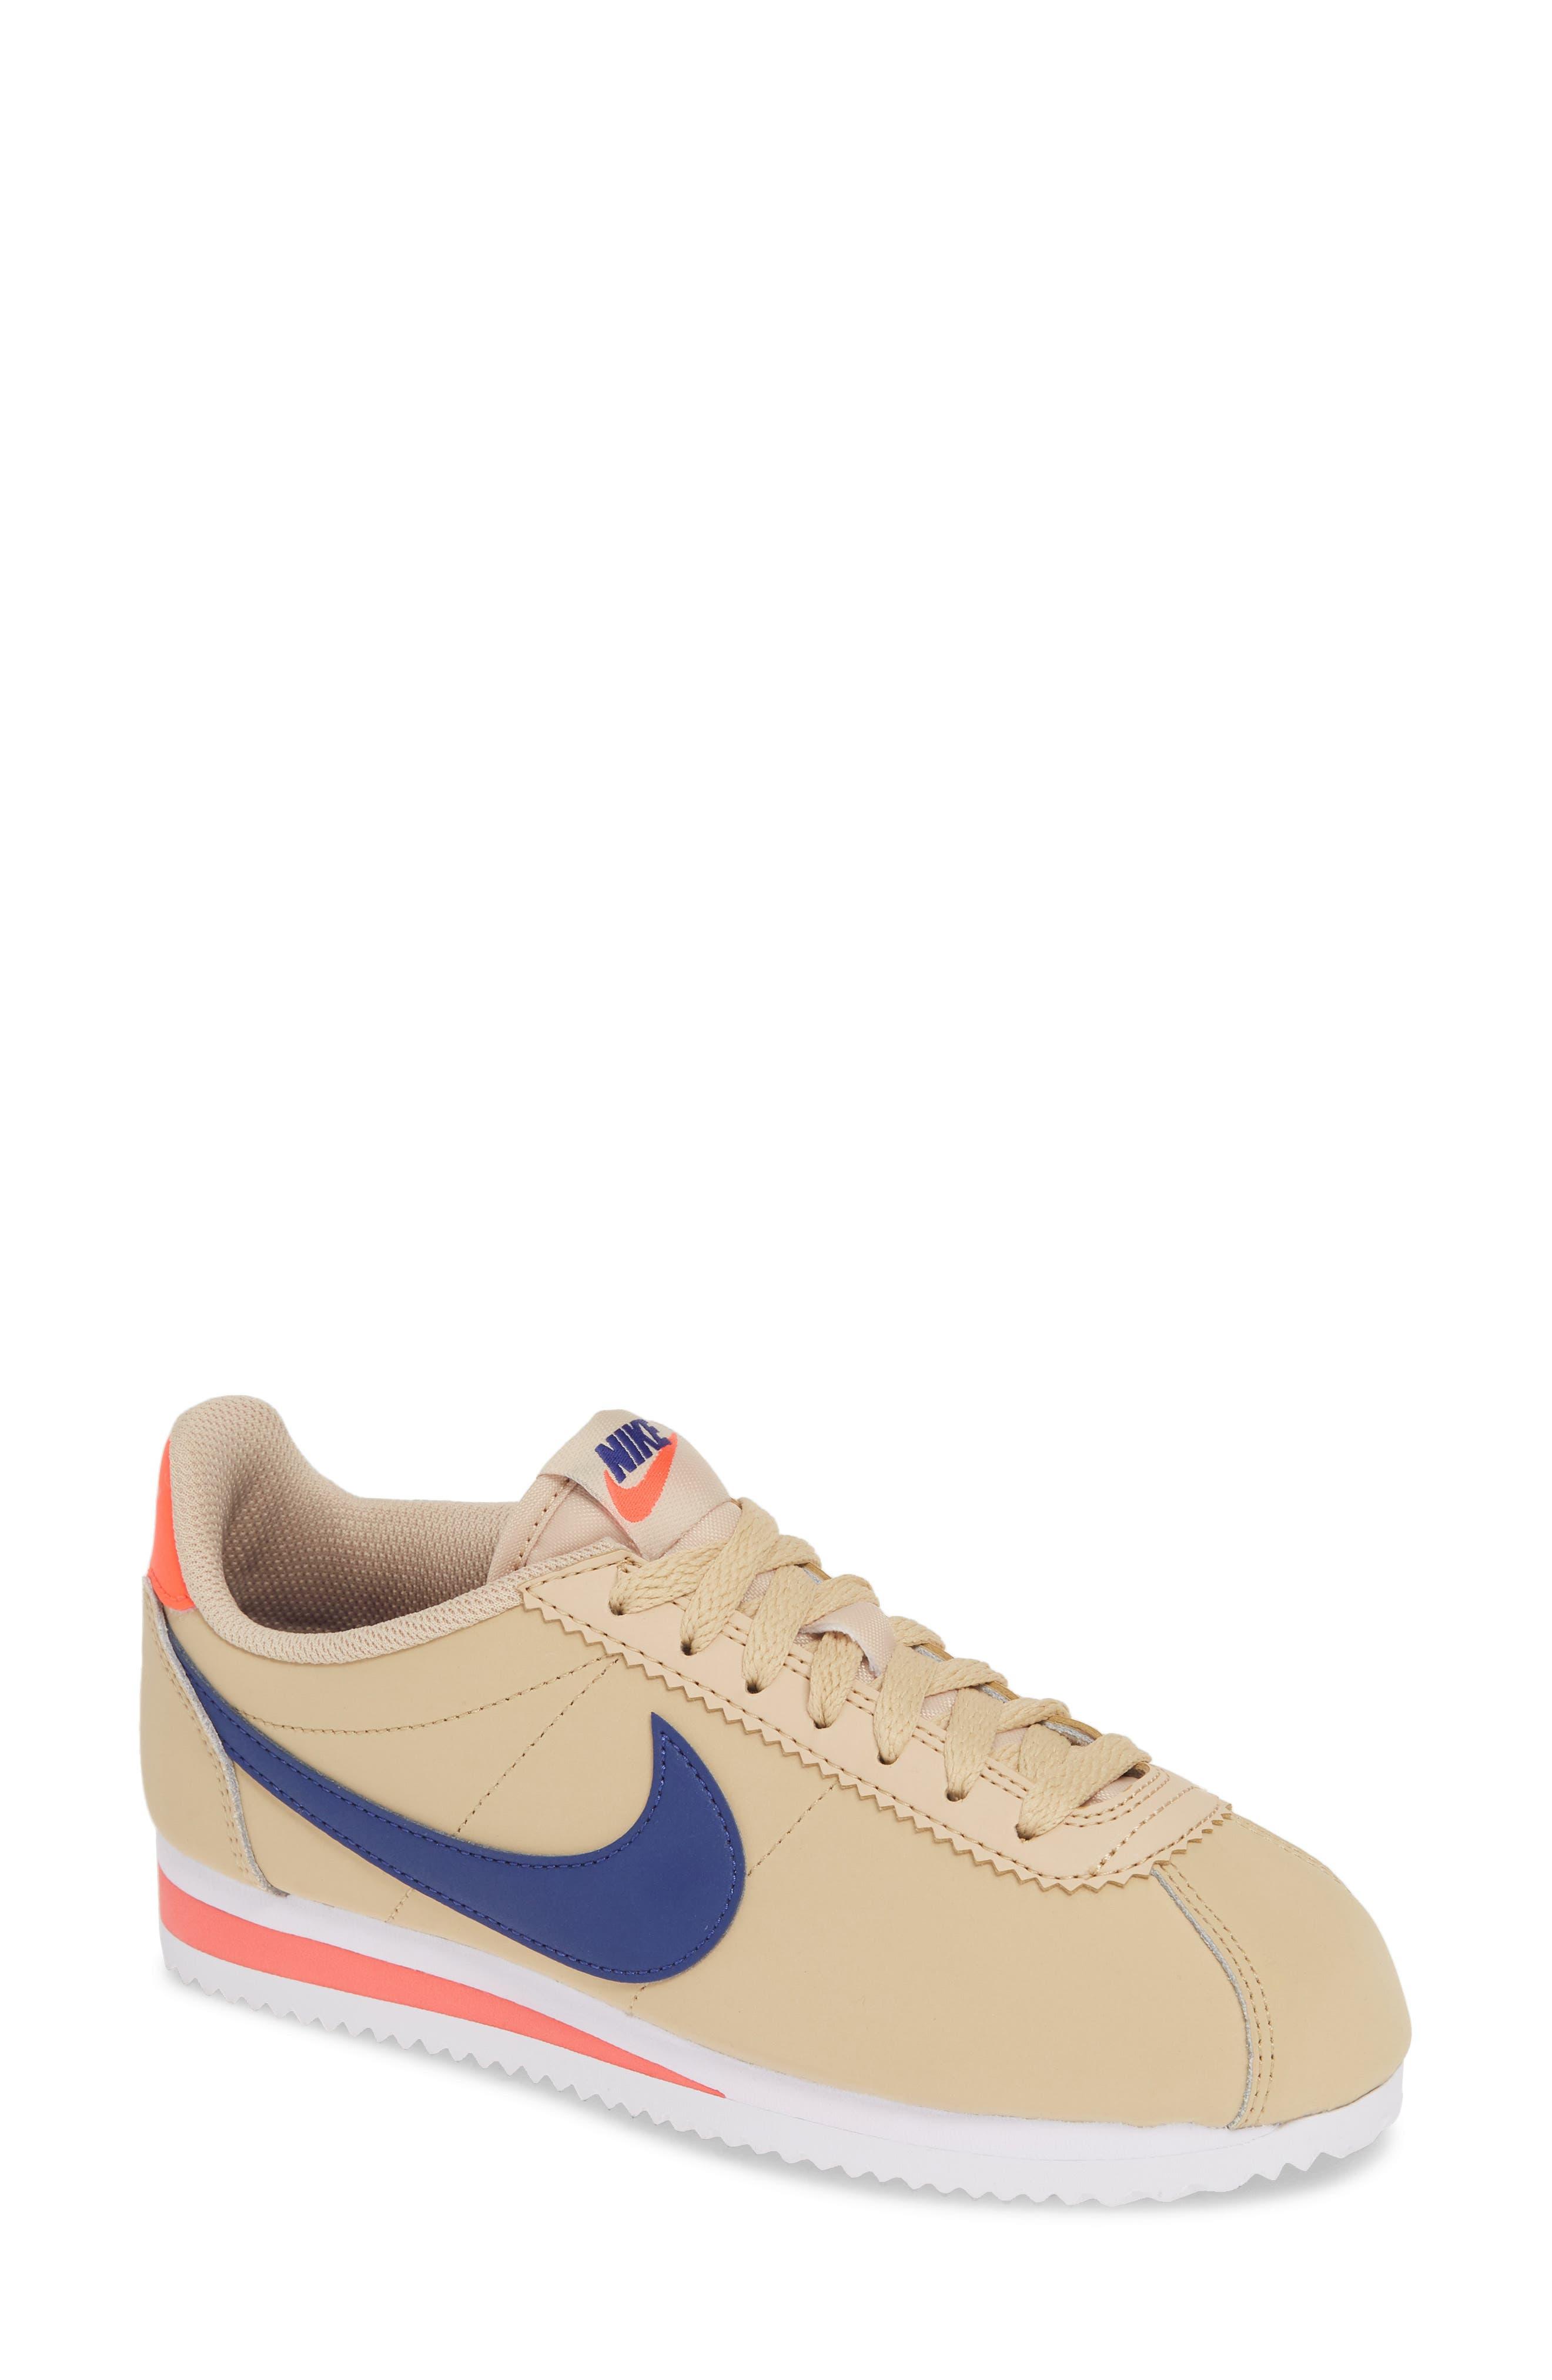 Classic Cortez Sneaker, Main, color, DESERT ORE/ DEEP ROYAL BLUE